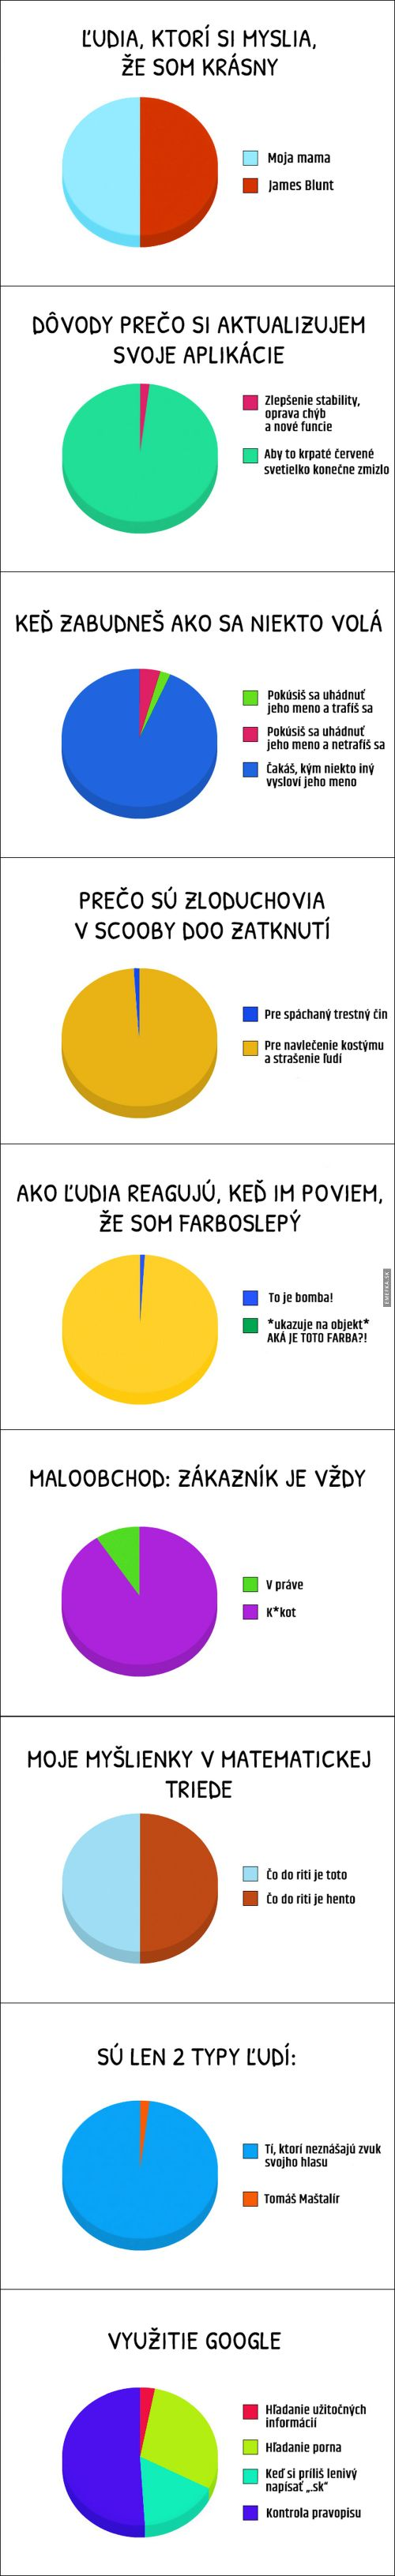 9 pravd ze života   Loupak.cz